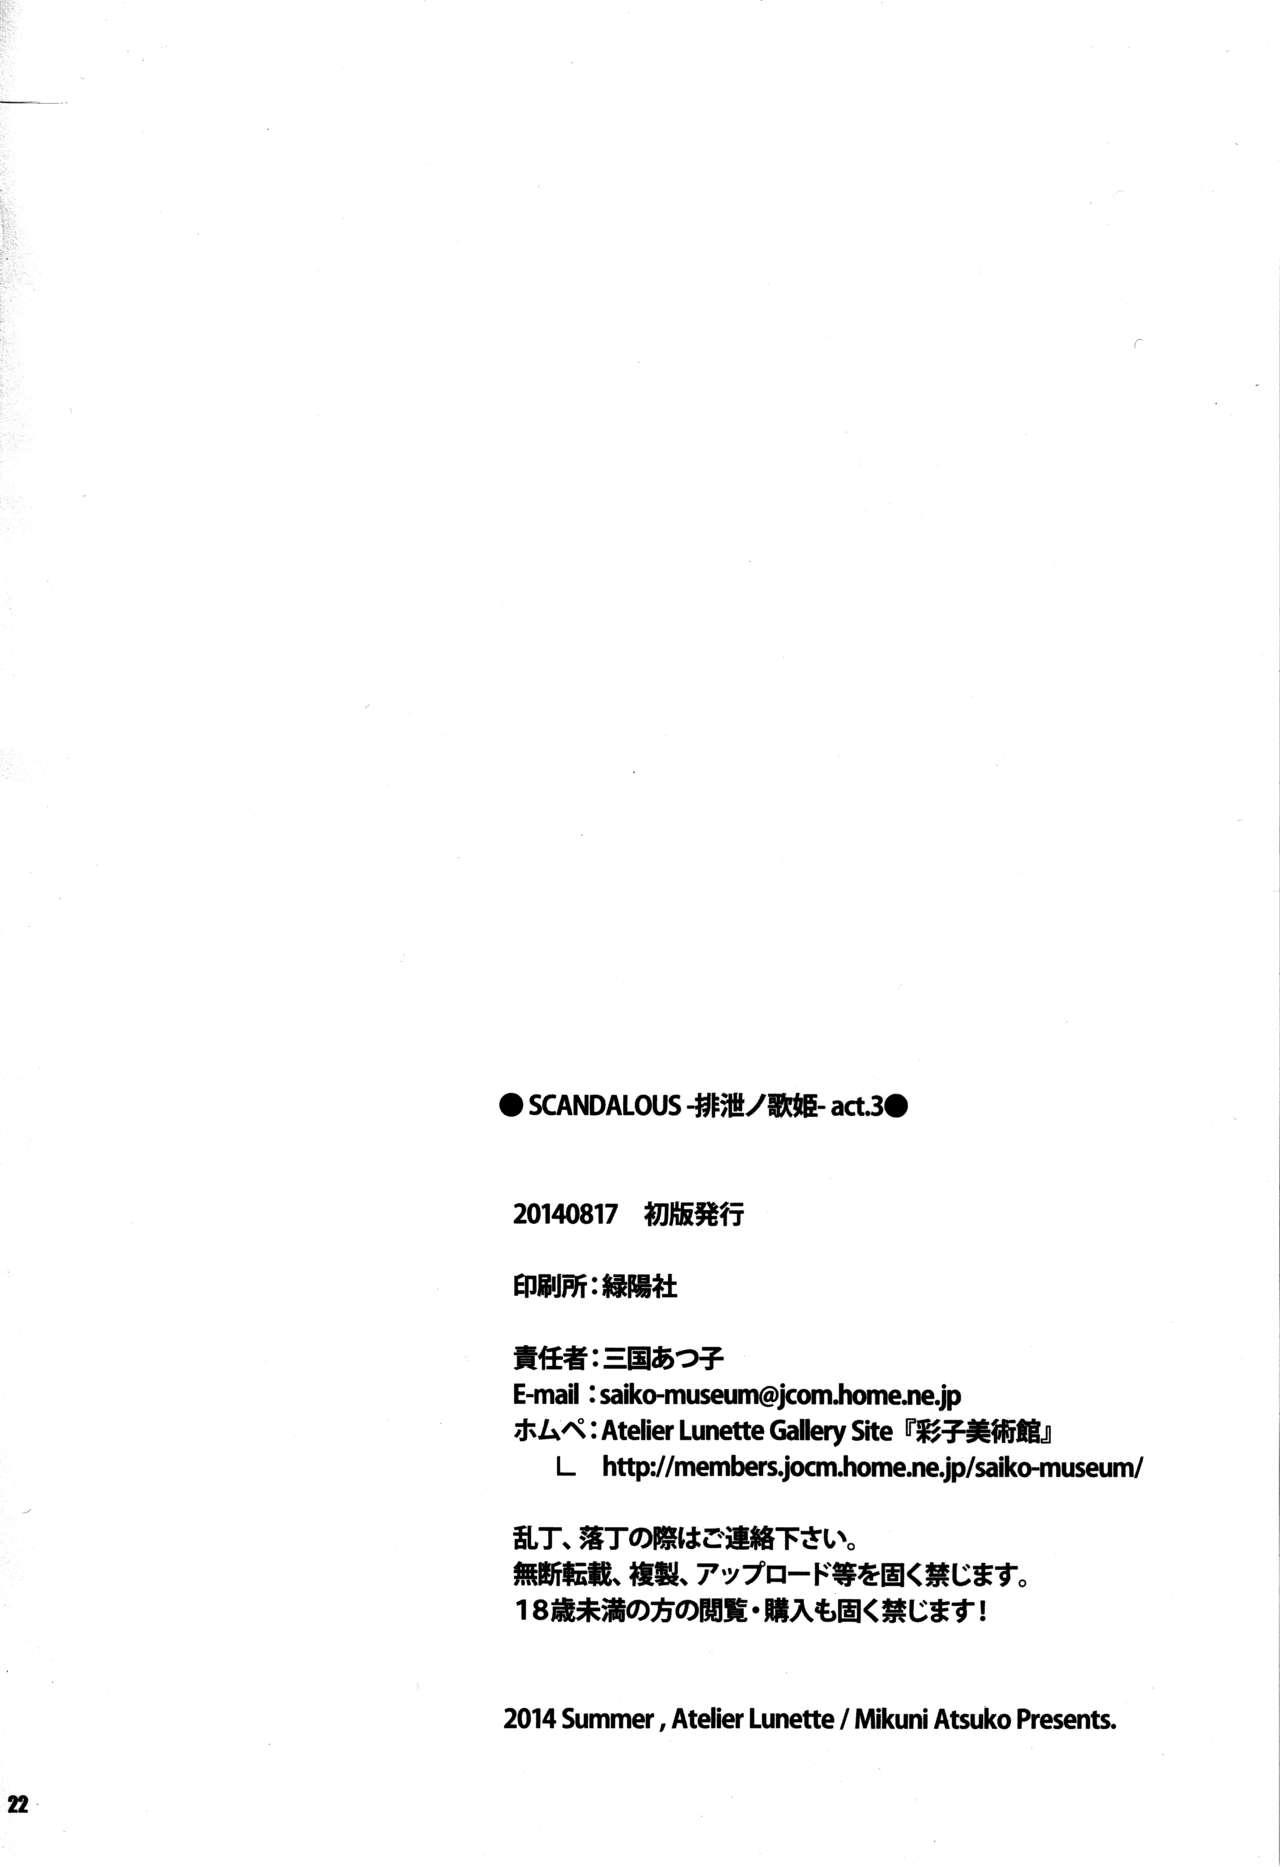 (C86) [Atelier Lunette (Mikuni Atsuko)] SCANDALOUS -Haisetsu no Utahime- act.3 22